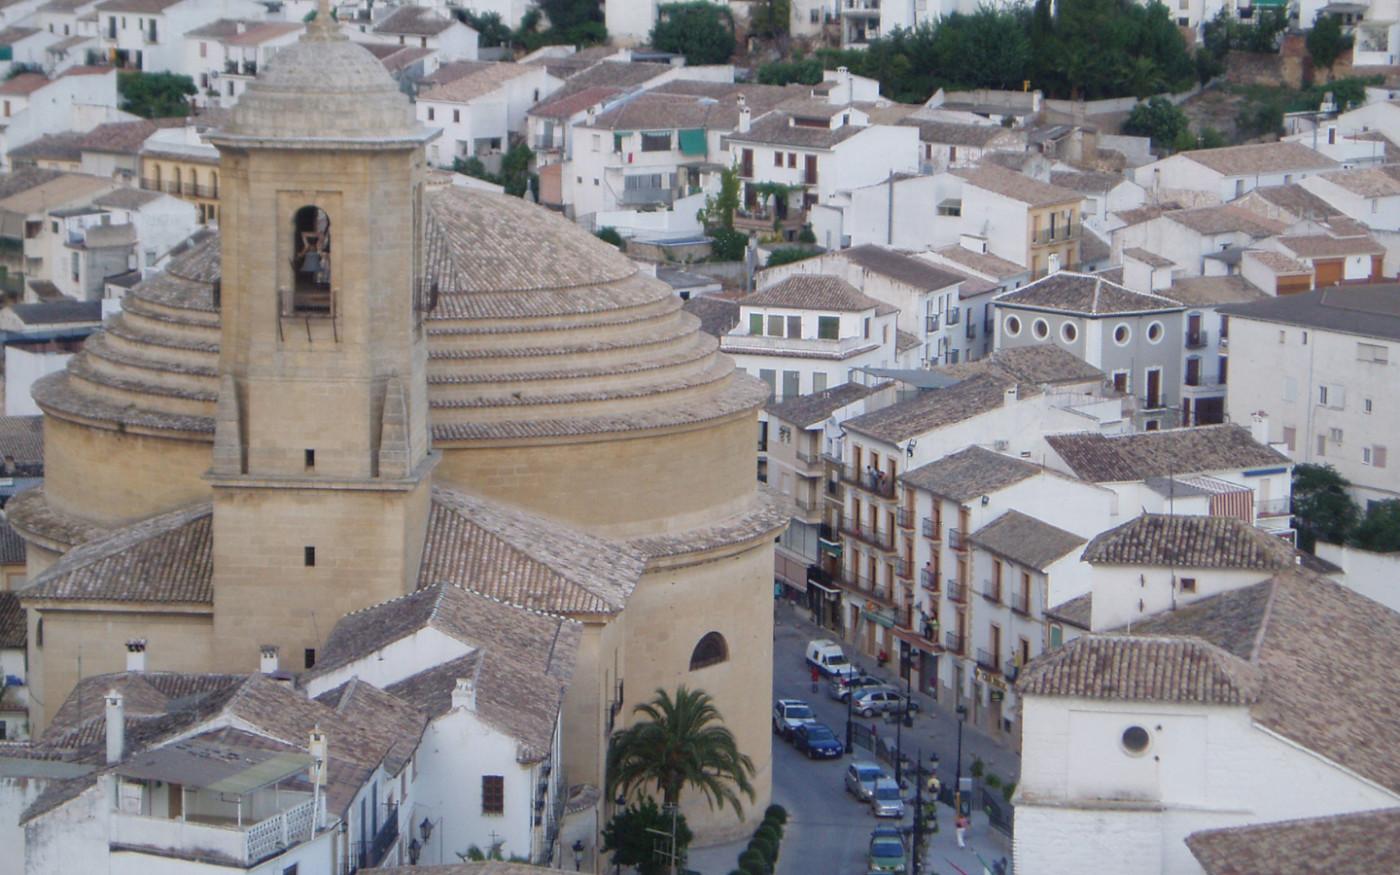 iglesia_de_la_encarnacionhuerta_pequena_self catering_holiday_accommodation_Montefrio_www.rural-andalucia.com